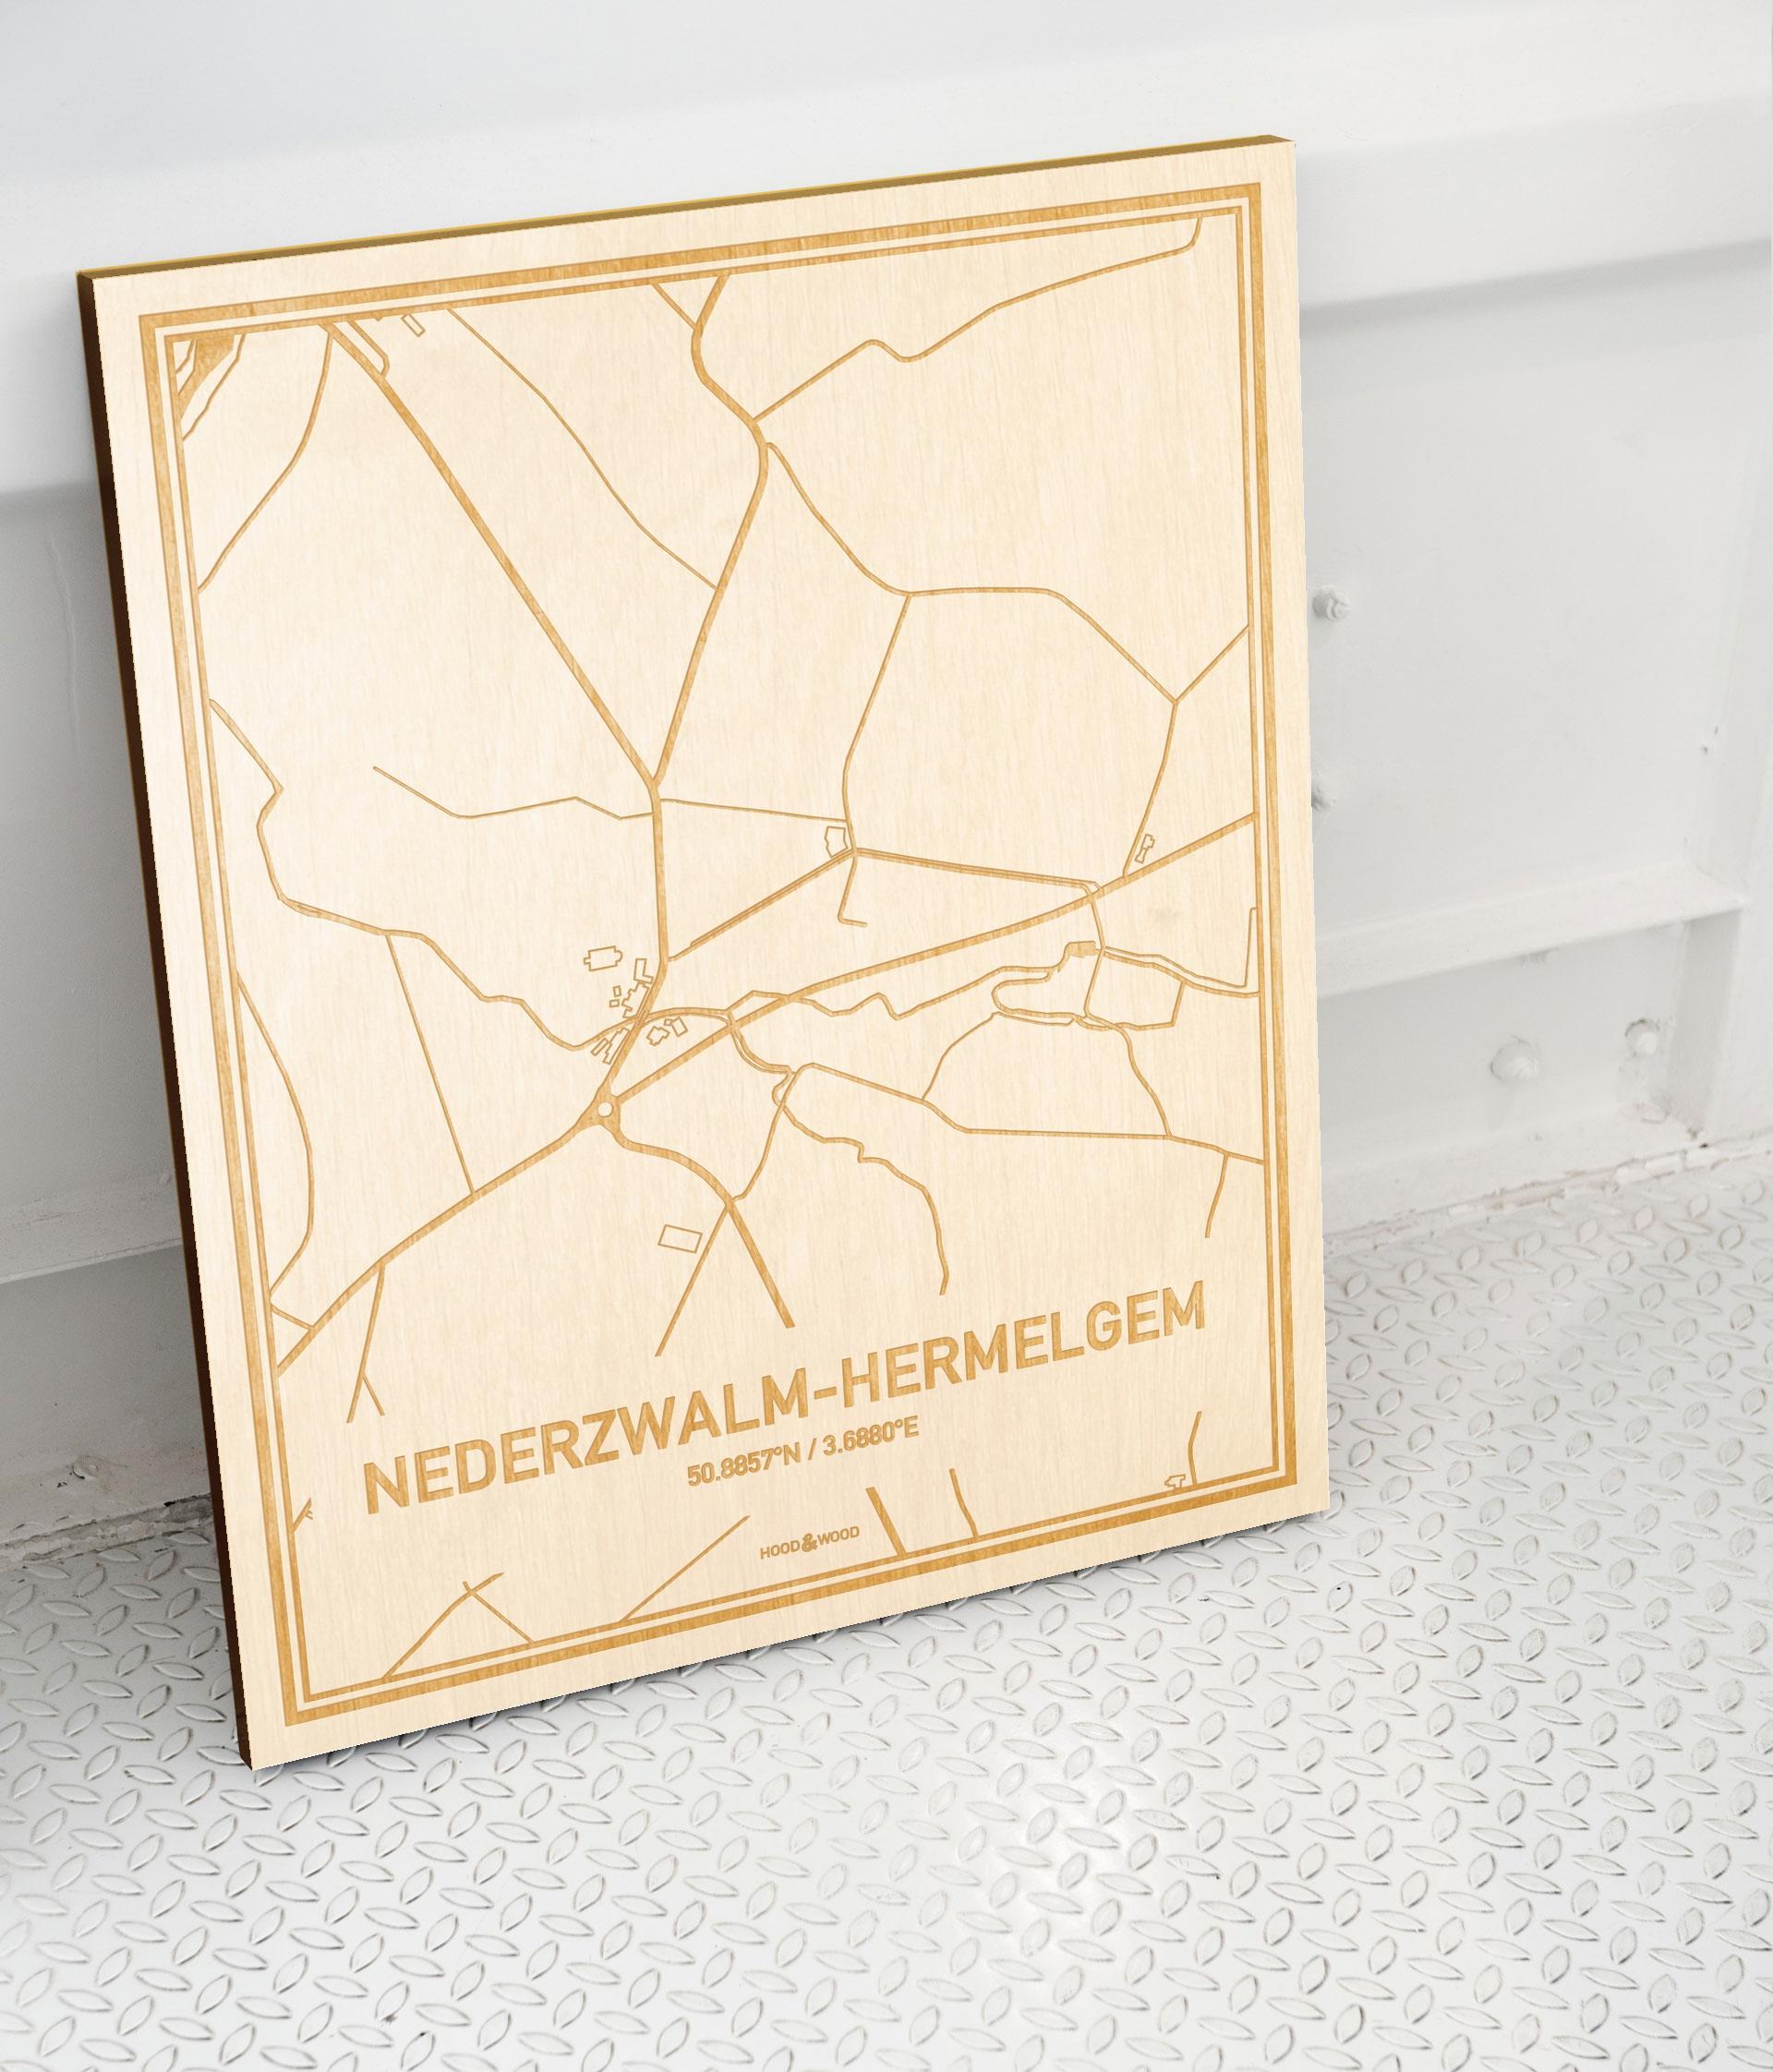 Plattegrond Nederzwalm-Hermelgem als prachtige houten wanddecoratie. Het warme hout contrasteert mooi met de witte muur.